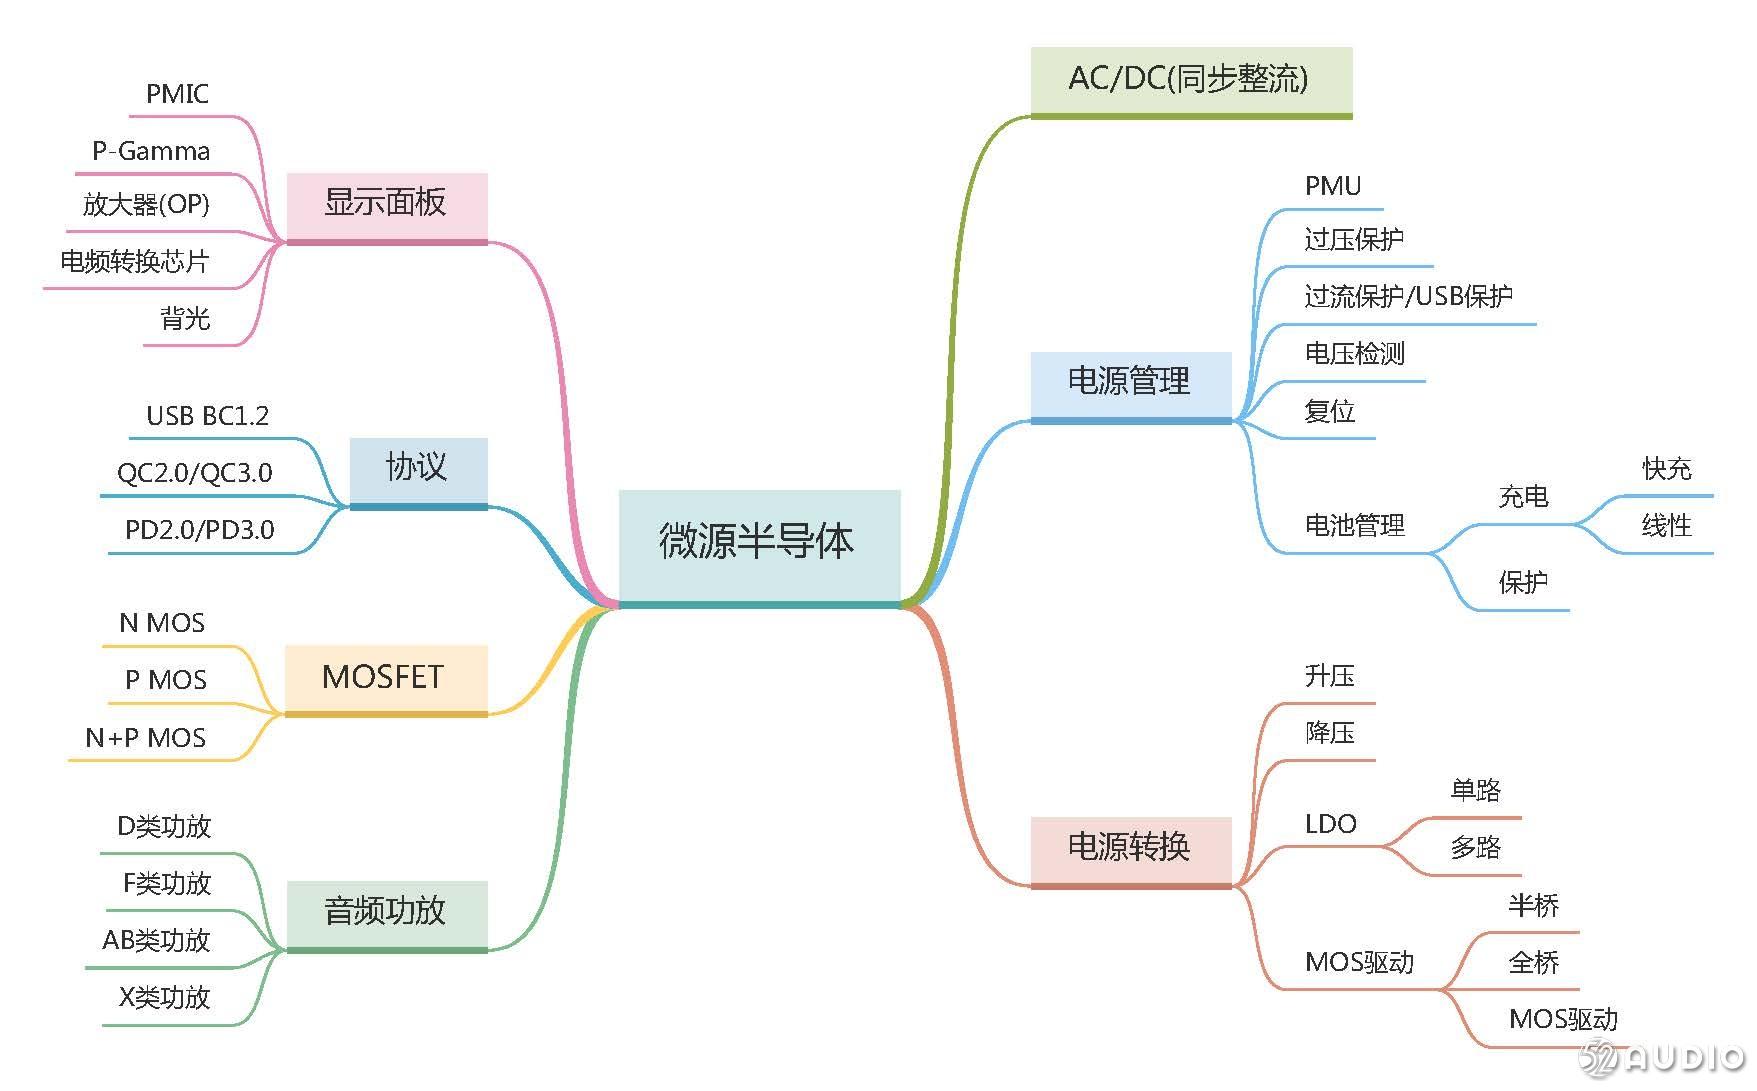 微源一次性整合出十几款经典版电源解决方案,可应用于TWS真无线耳机、运动和头戴式耳机-我爱音频网